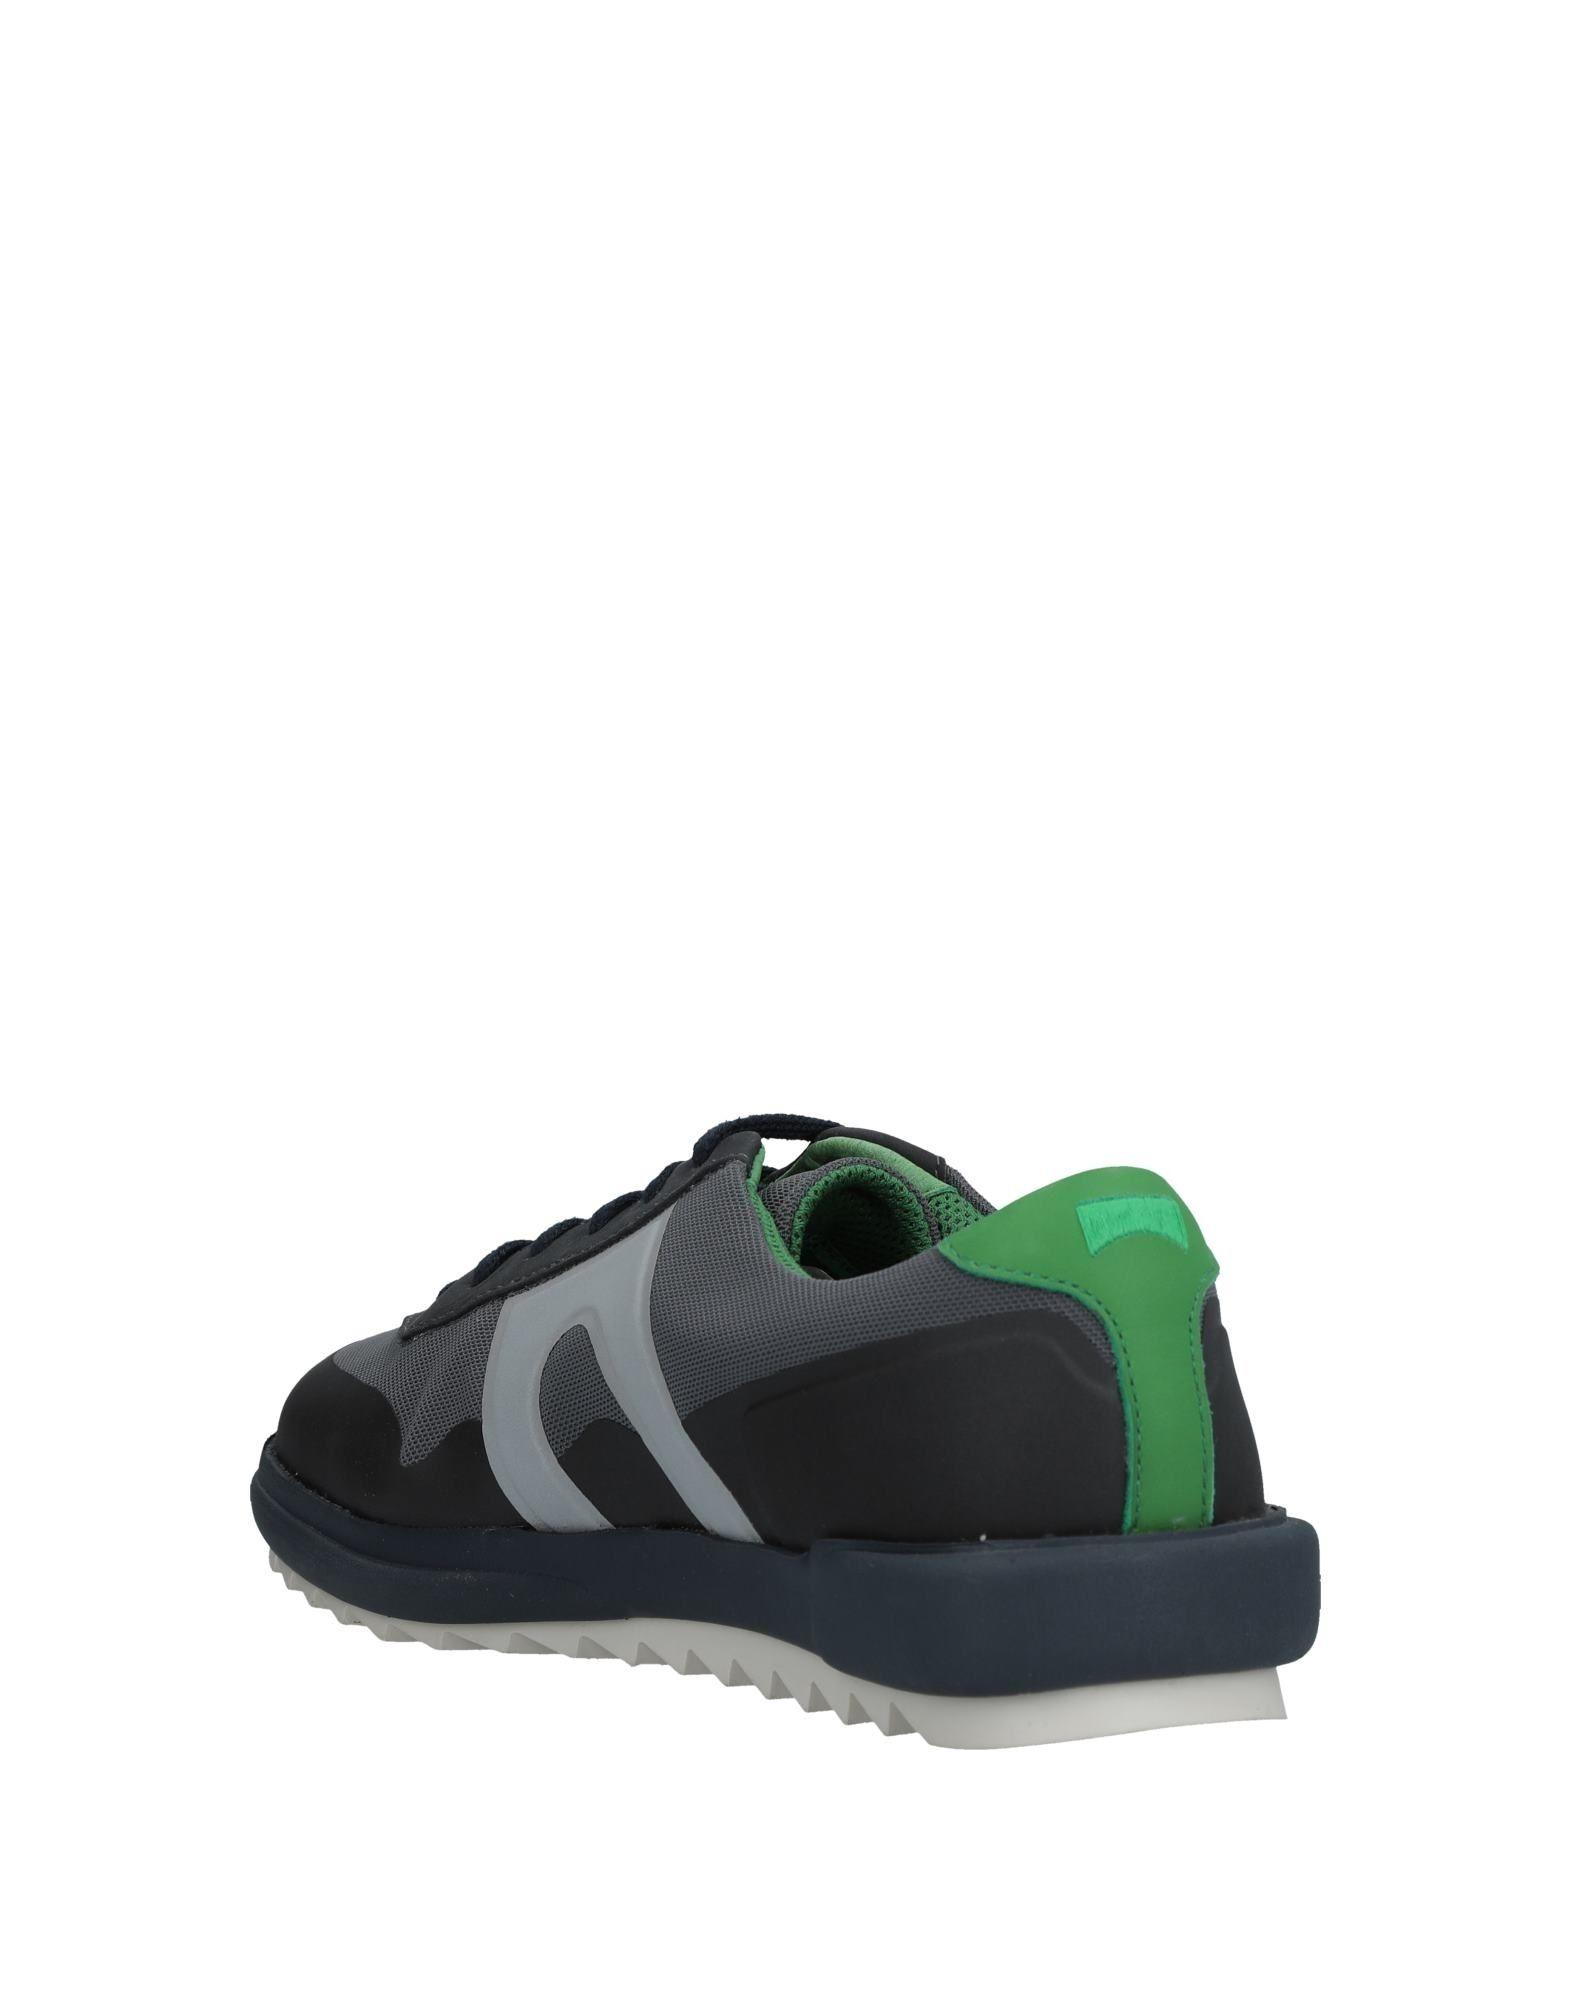 Rabatt Herren echte Schuhe Camper Turnschuhes Herren Rabatt 11523270MB c34773